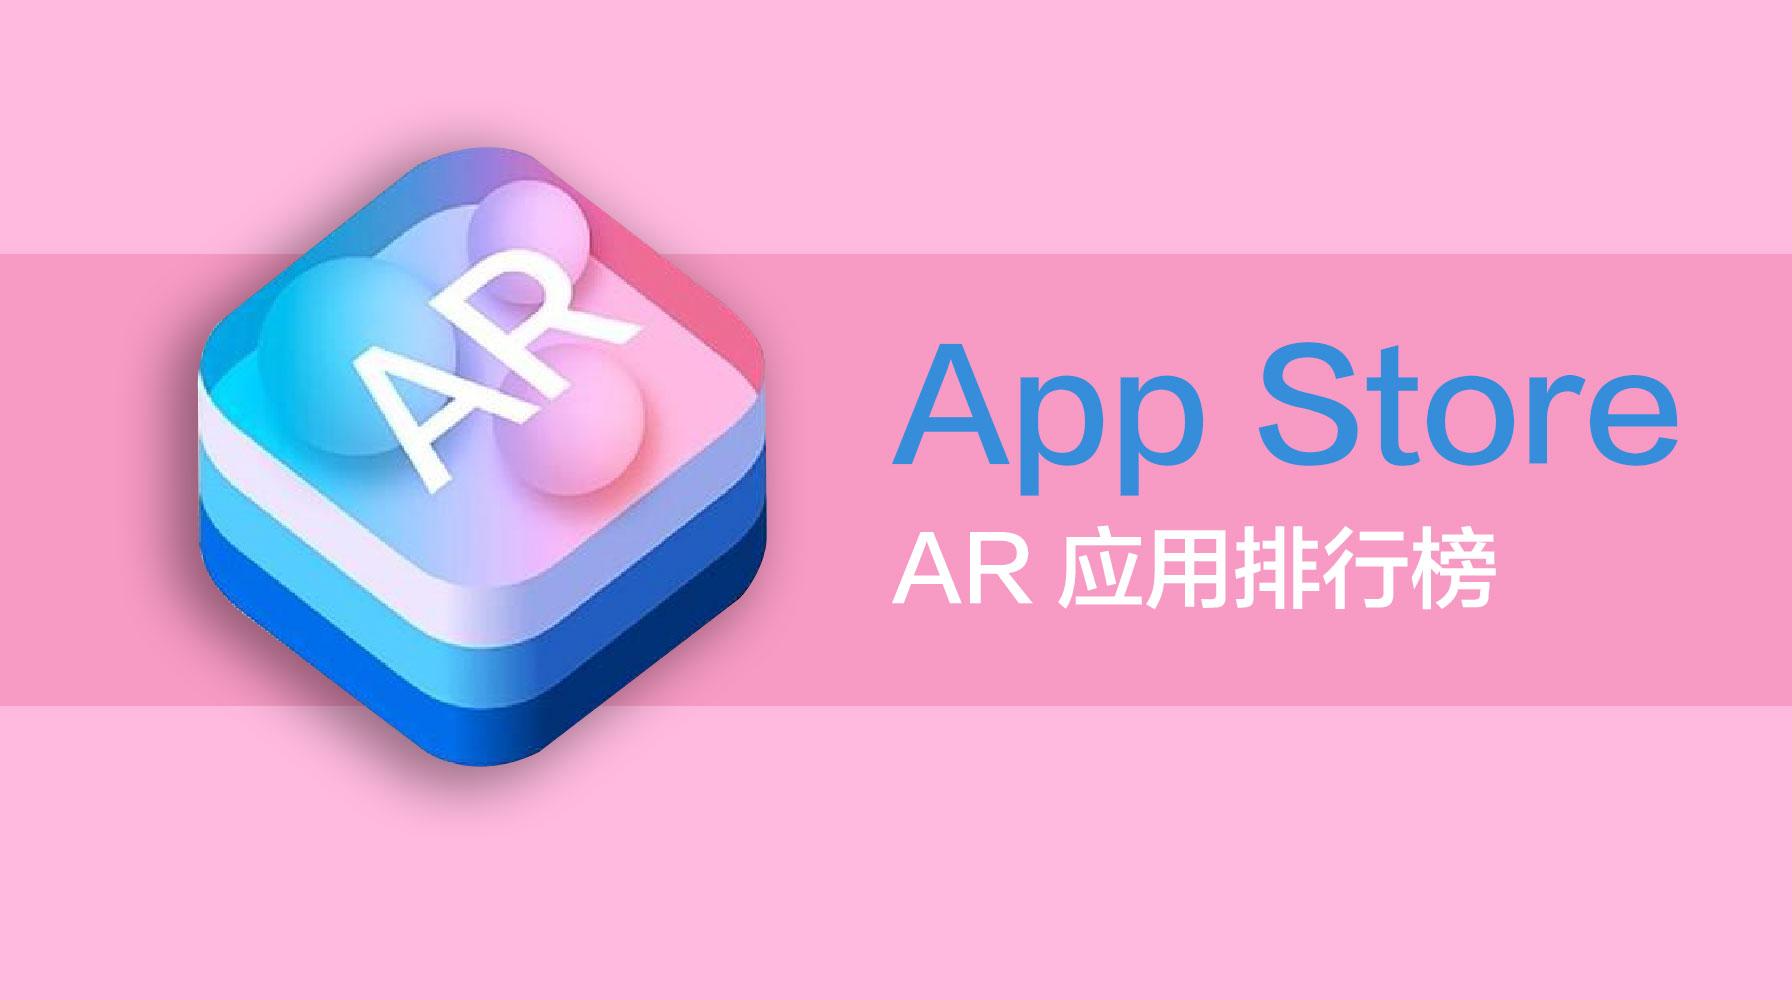 本周iOS AR应用排行榜:AR短视频持续升温,工具类应用增加